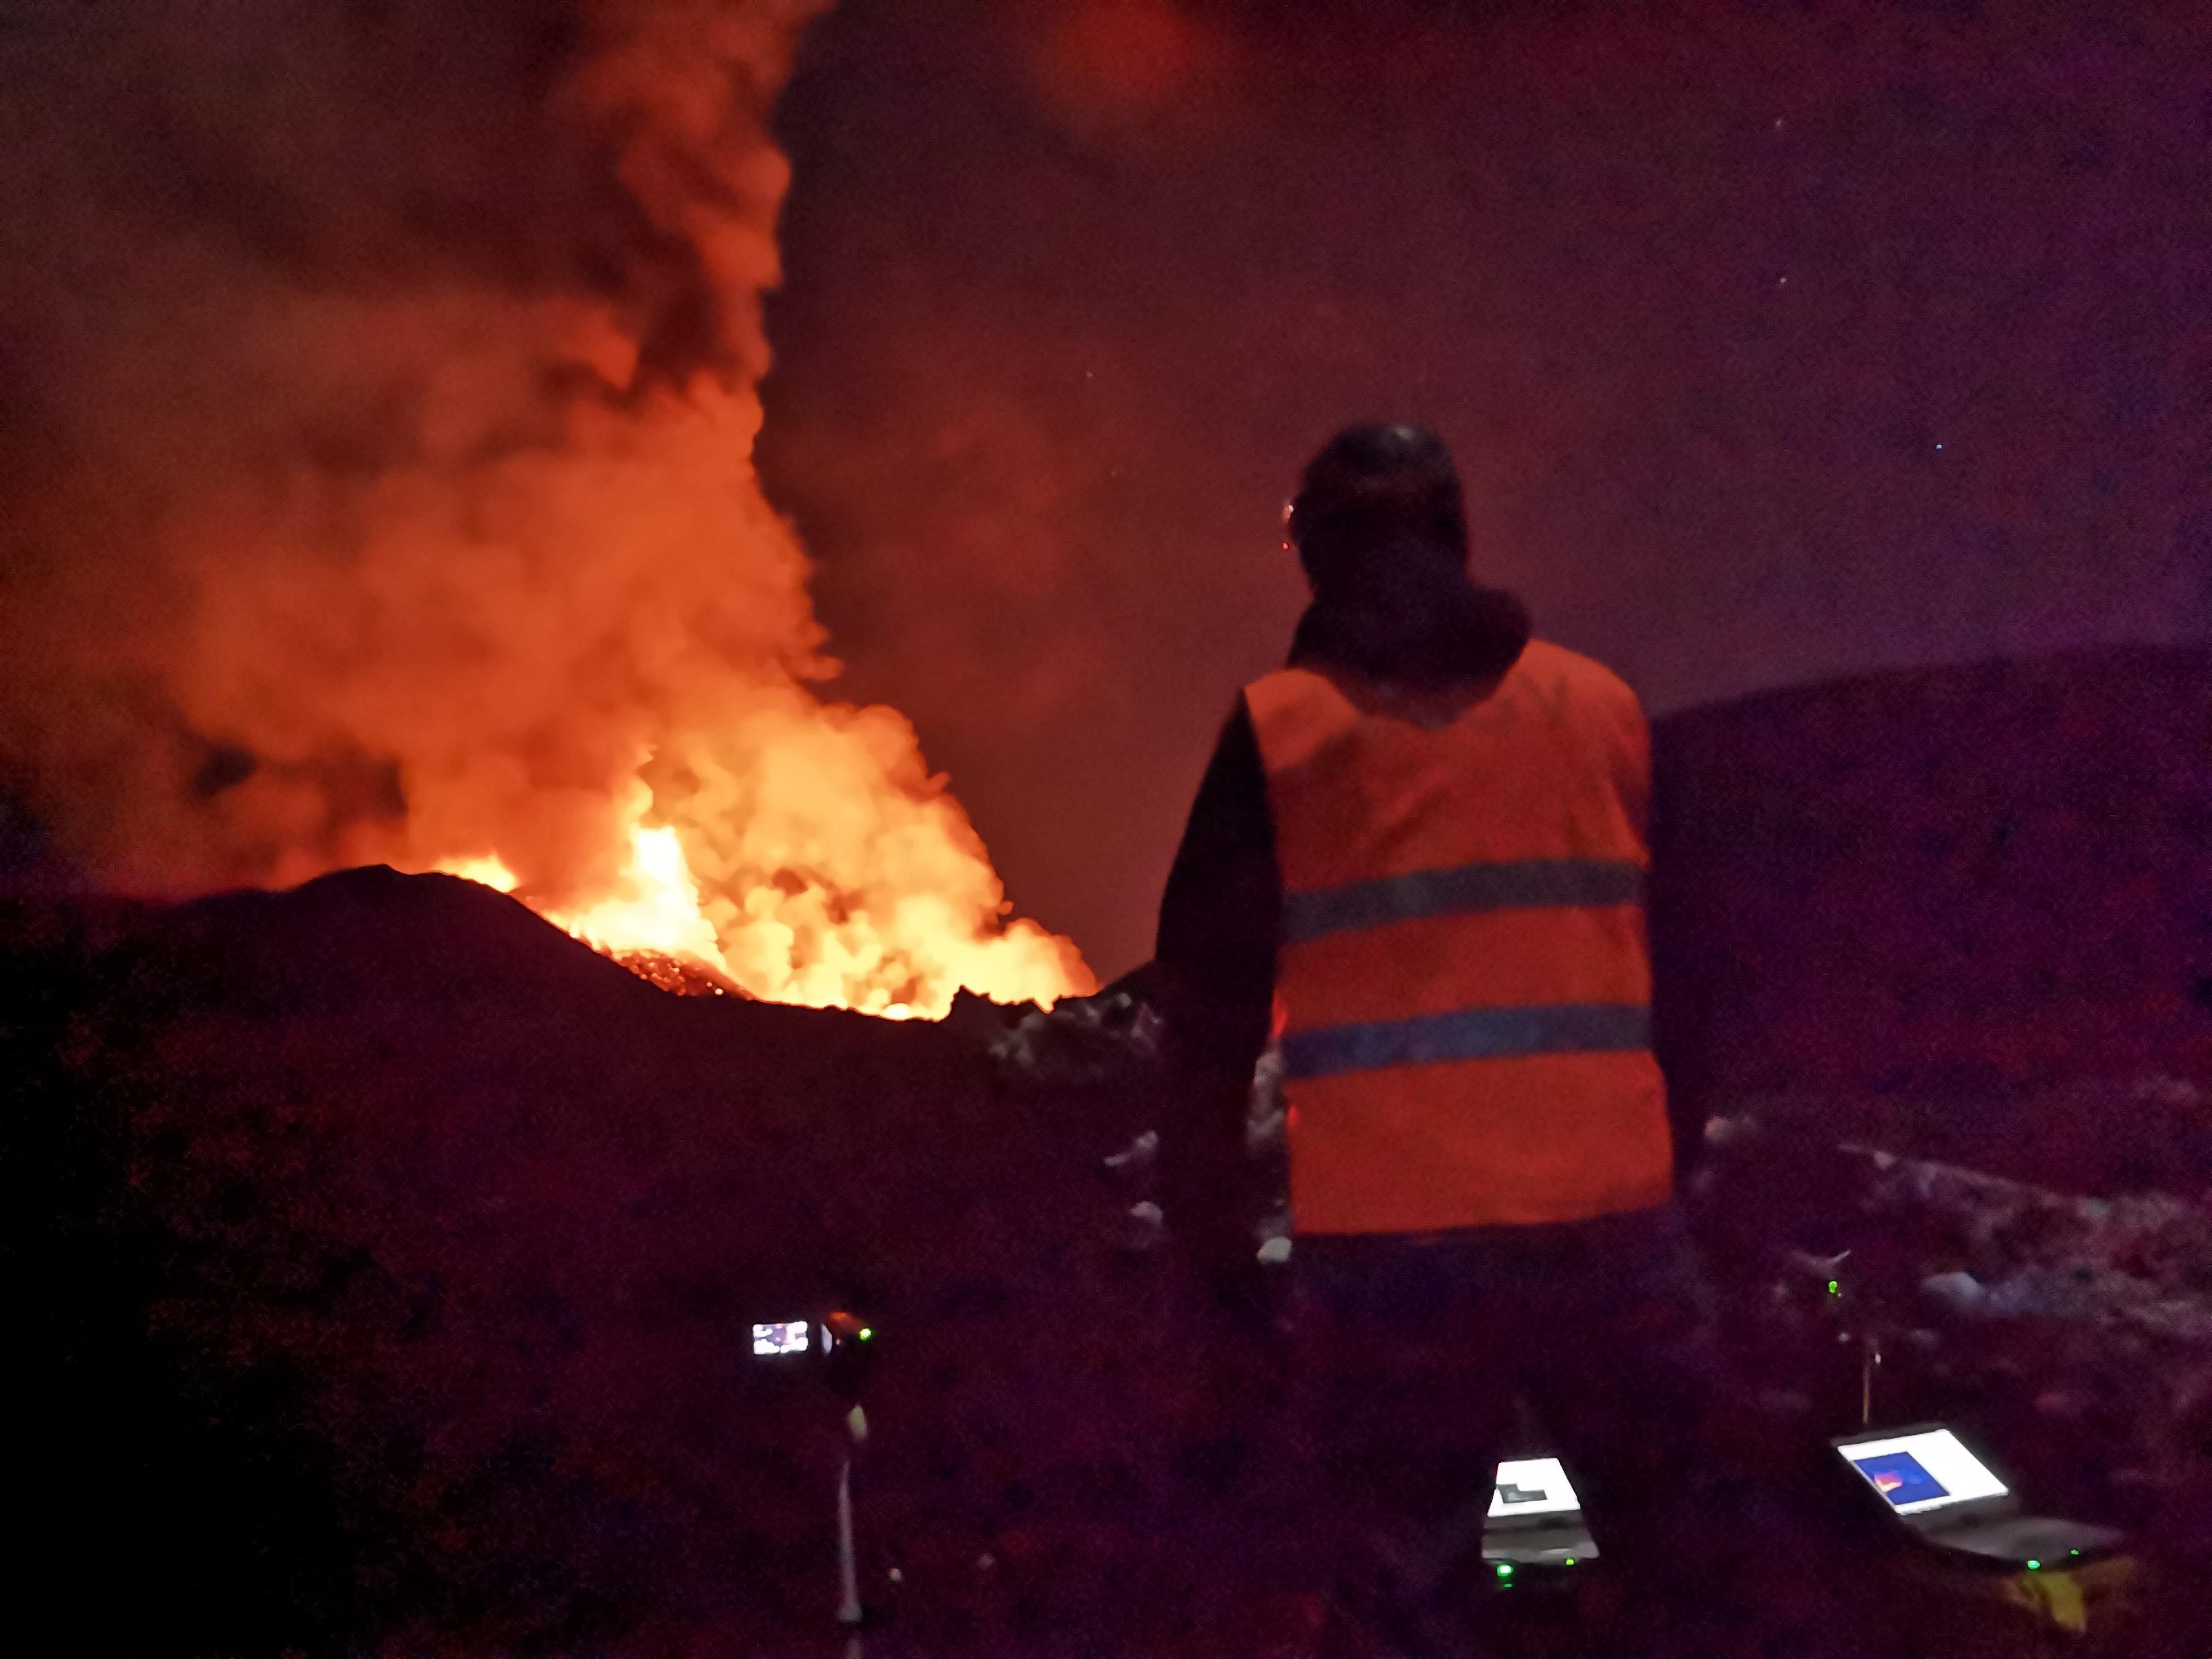 Monitorando in tempo reale l'Etna in eruzione